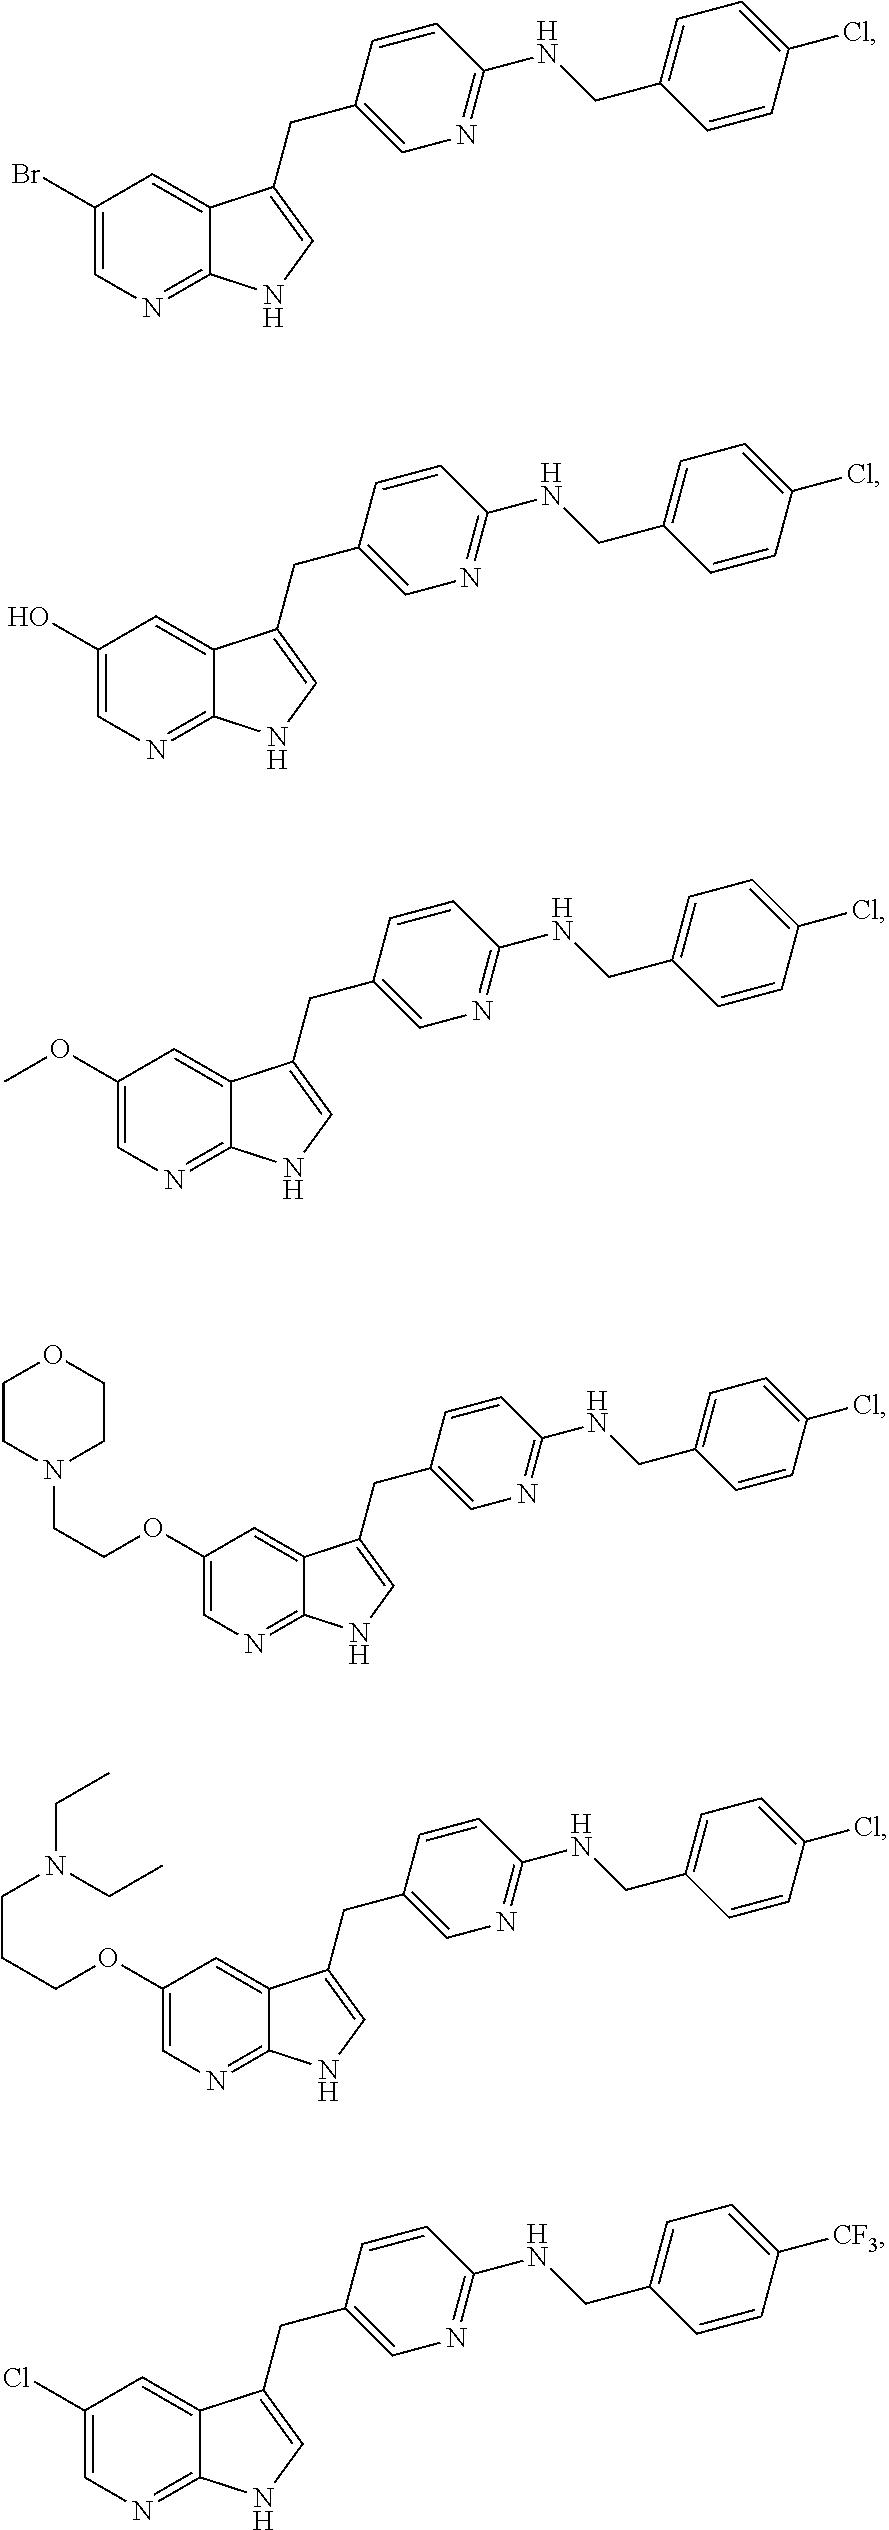 Figure US08404700-20130326-C00051